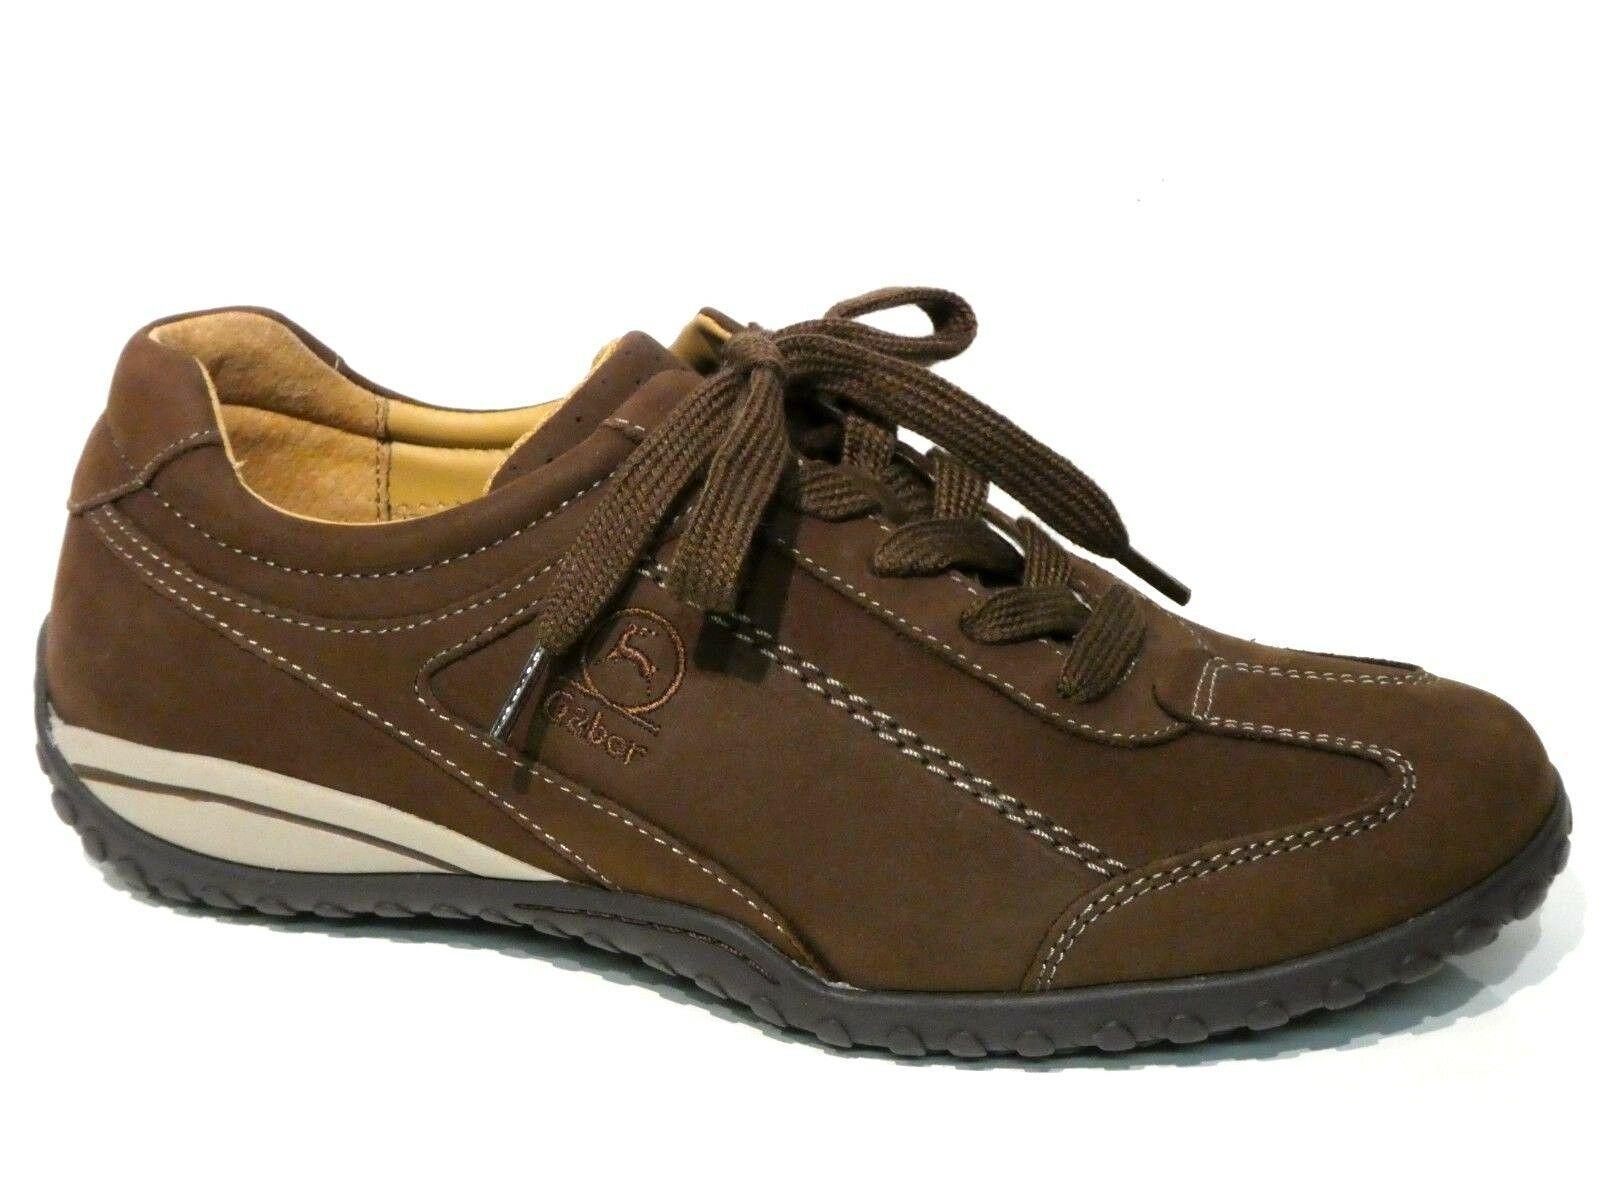 Gabor Schuhe Schnürschuhe Turnschuhe braun nougat bequem Weit Leder Einlagen